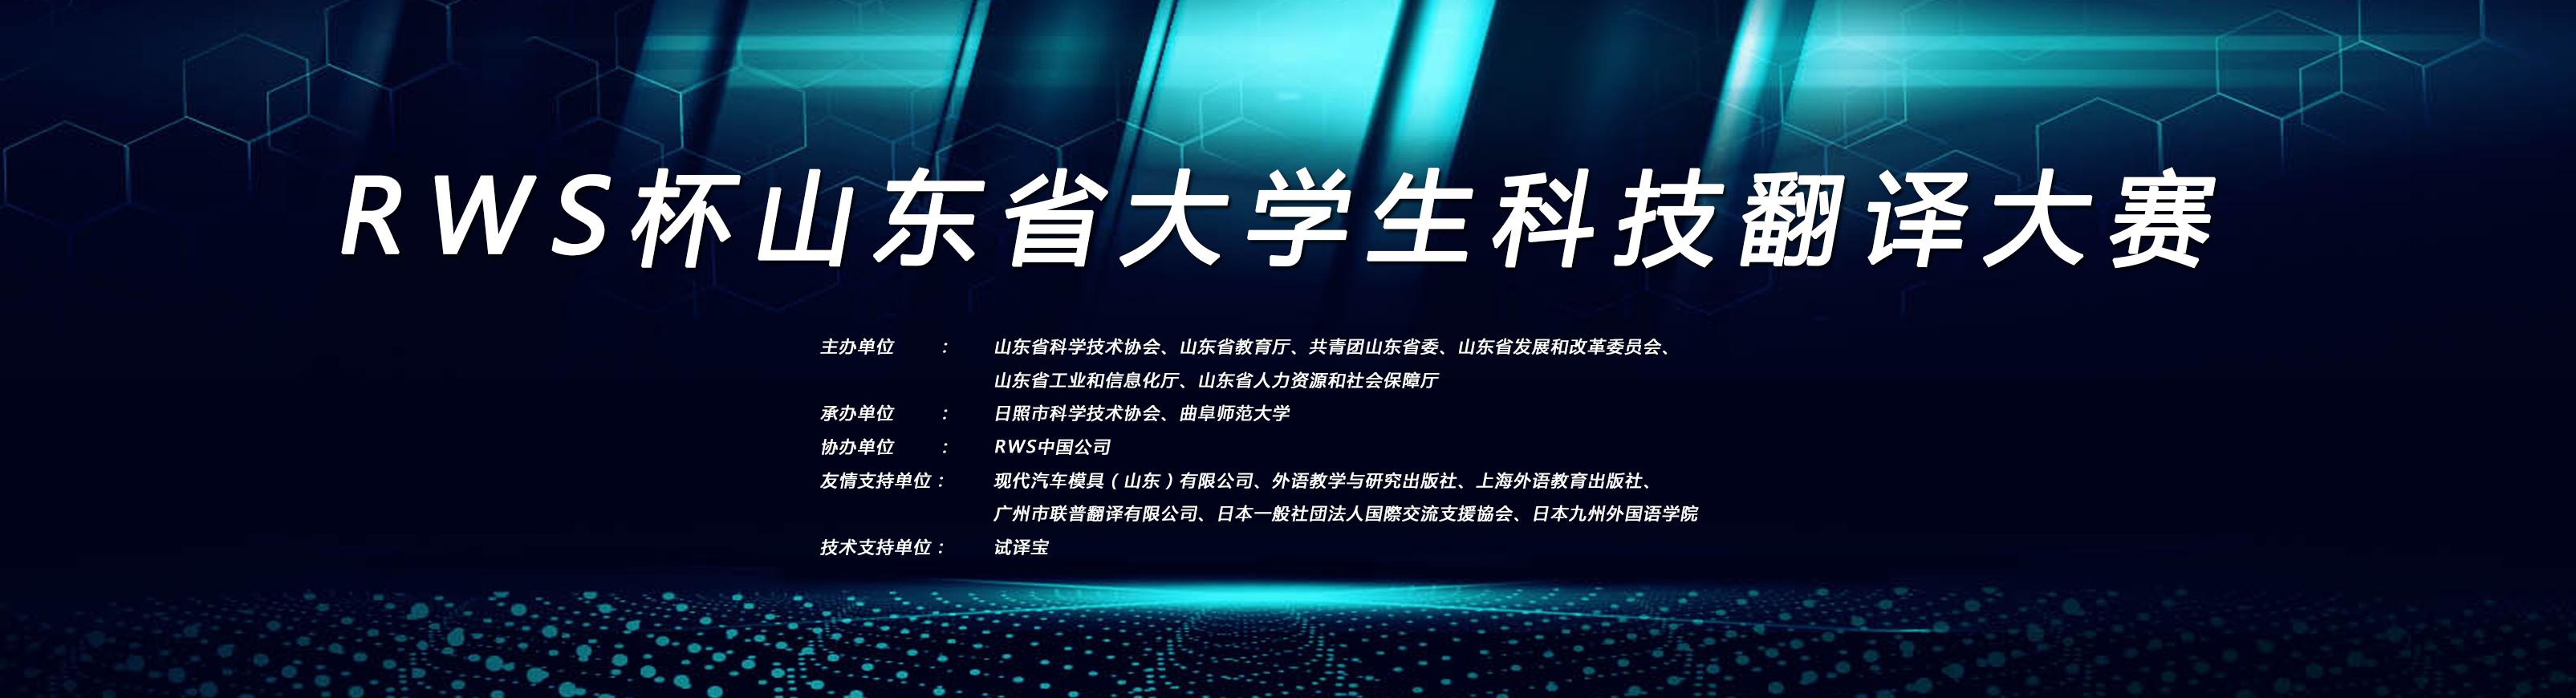 RWS杯山东省大学生科技翻译大赛